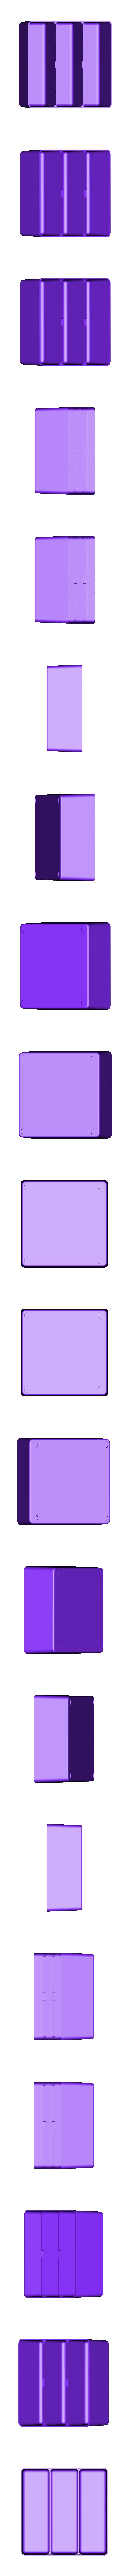 2-2__V2.stl Download STL file Allit Europlus organizer boxes • 3D printable model, baracuda86